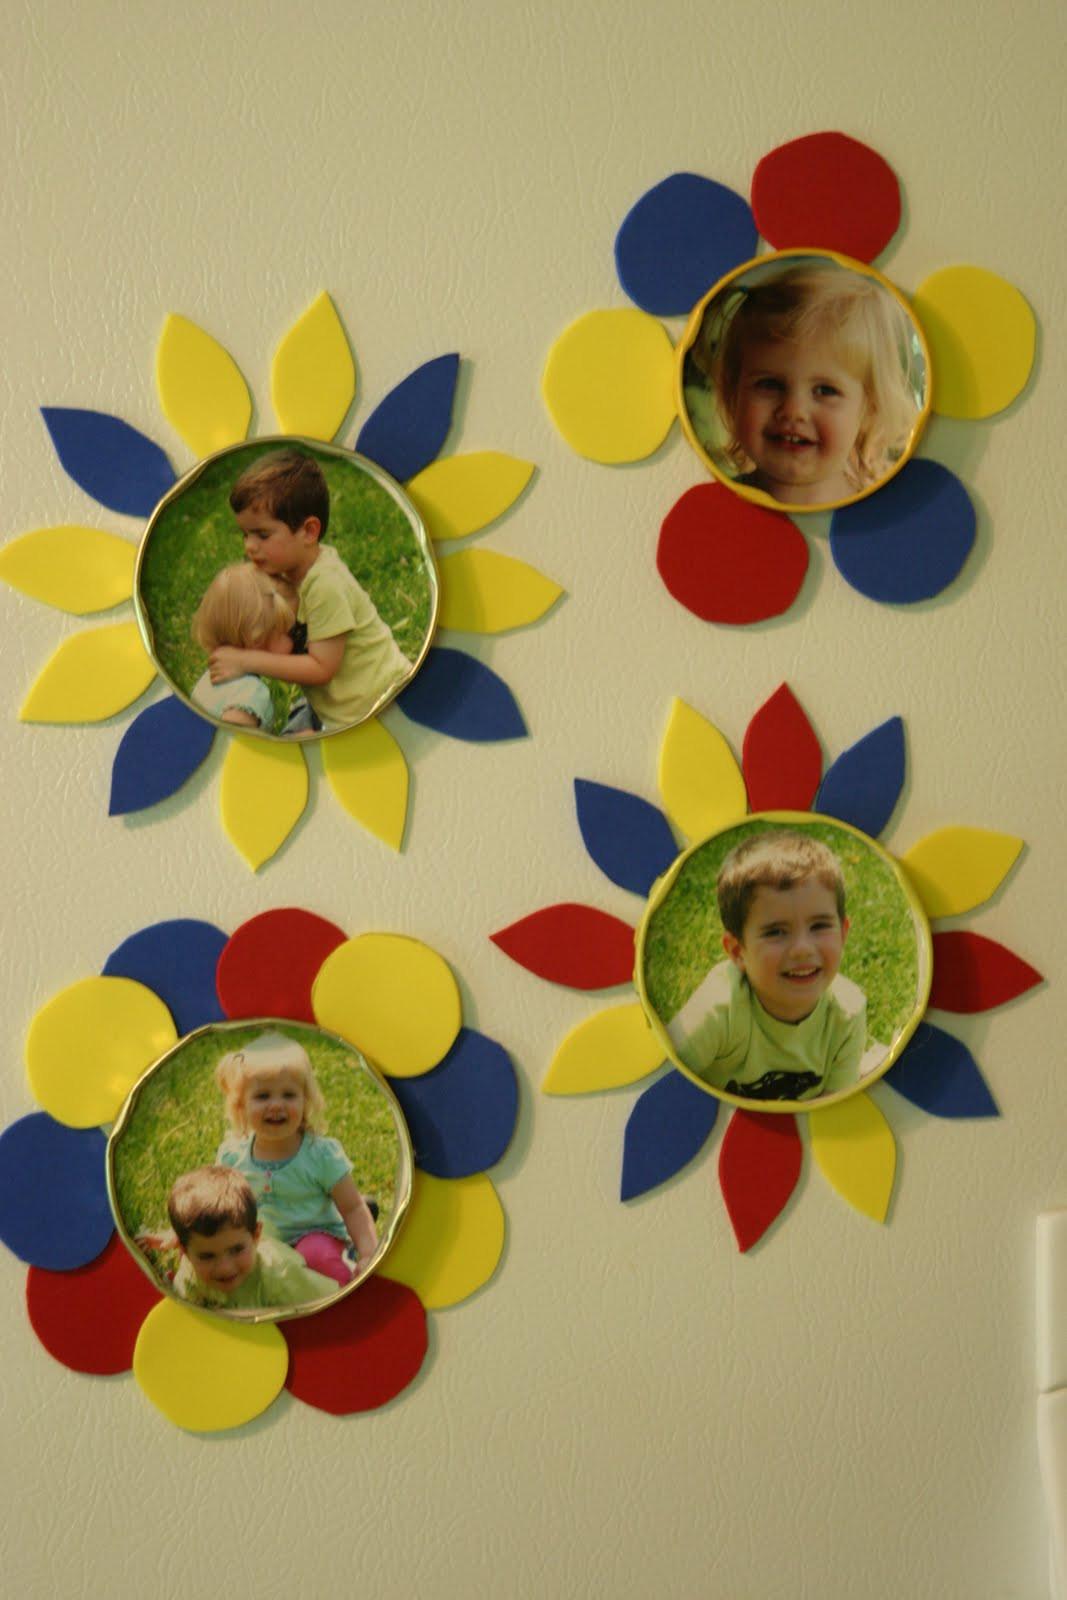 Mother Day Craft Ideas For Preschoolers  Mother's day activities for preschoolers